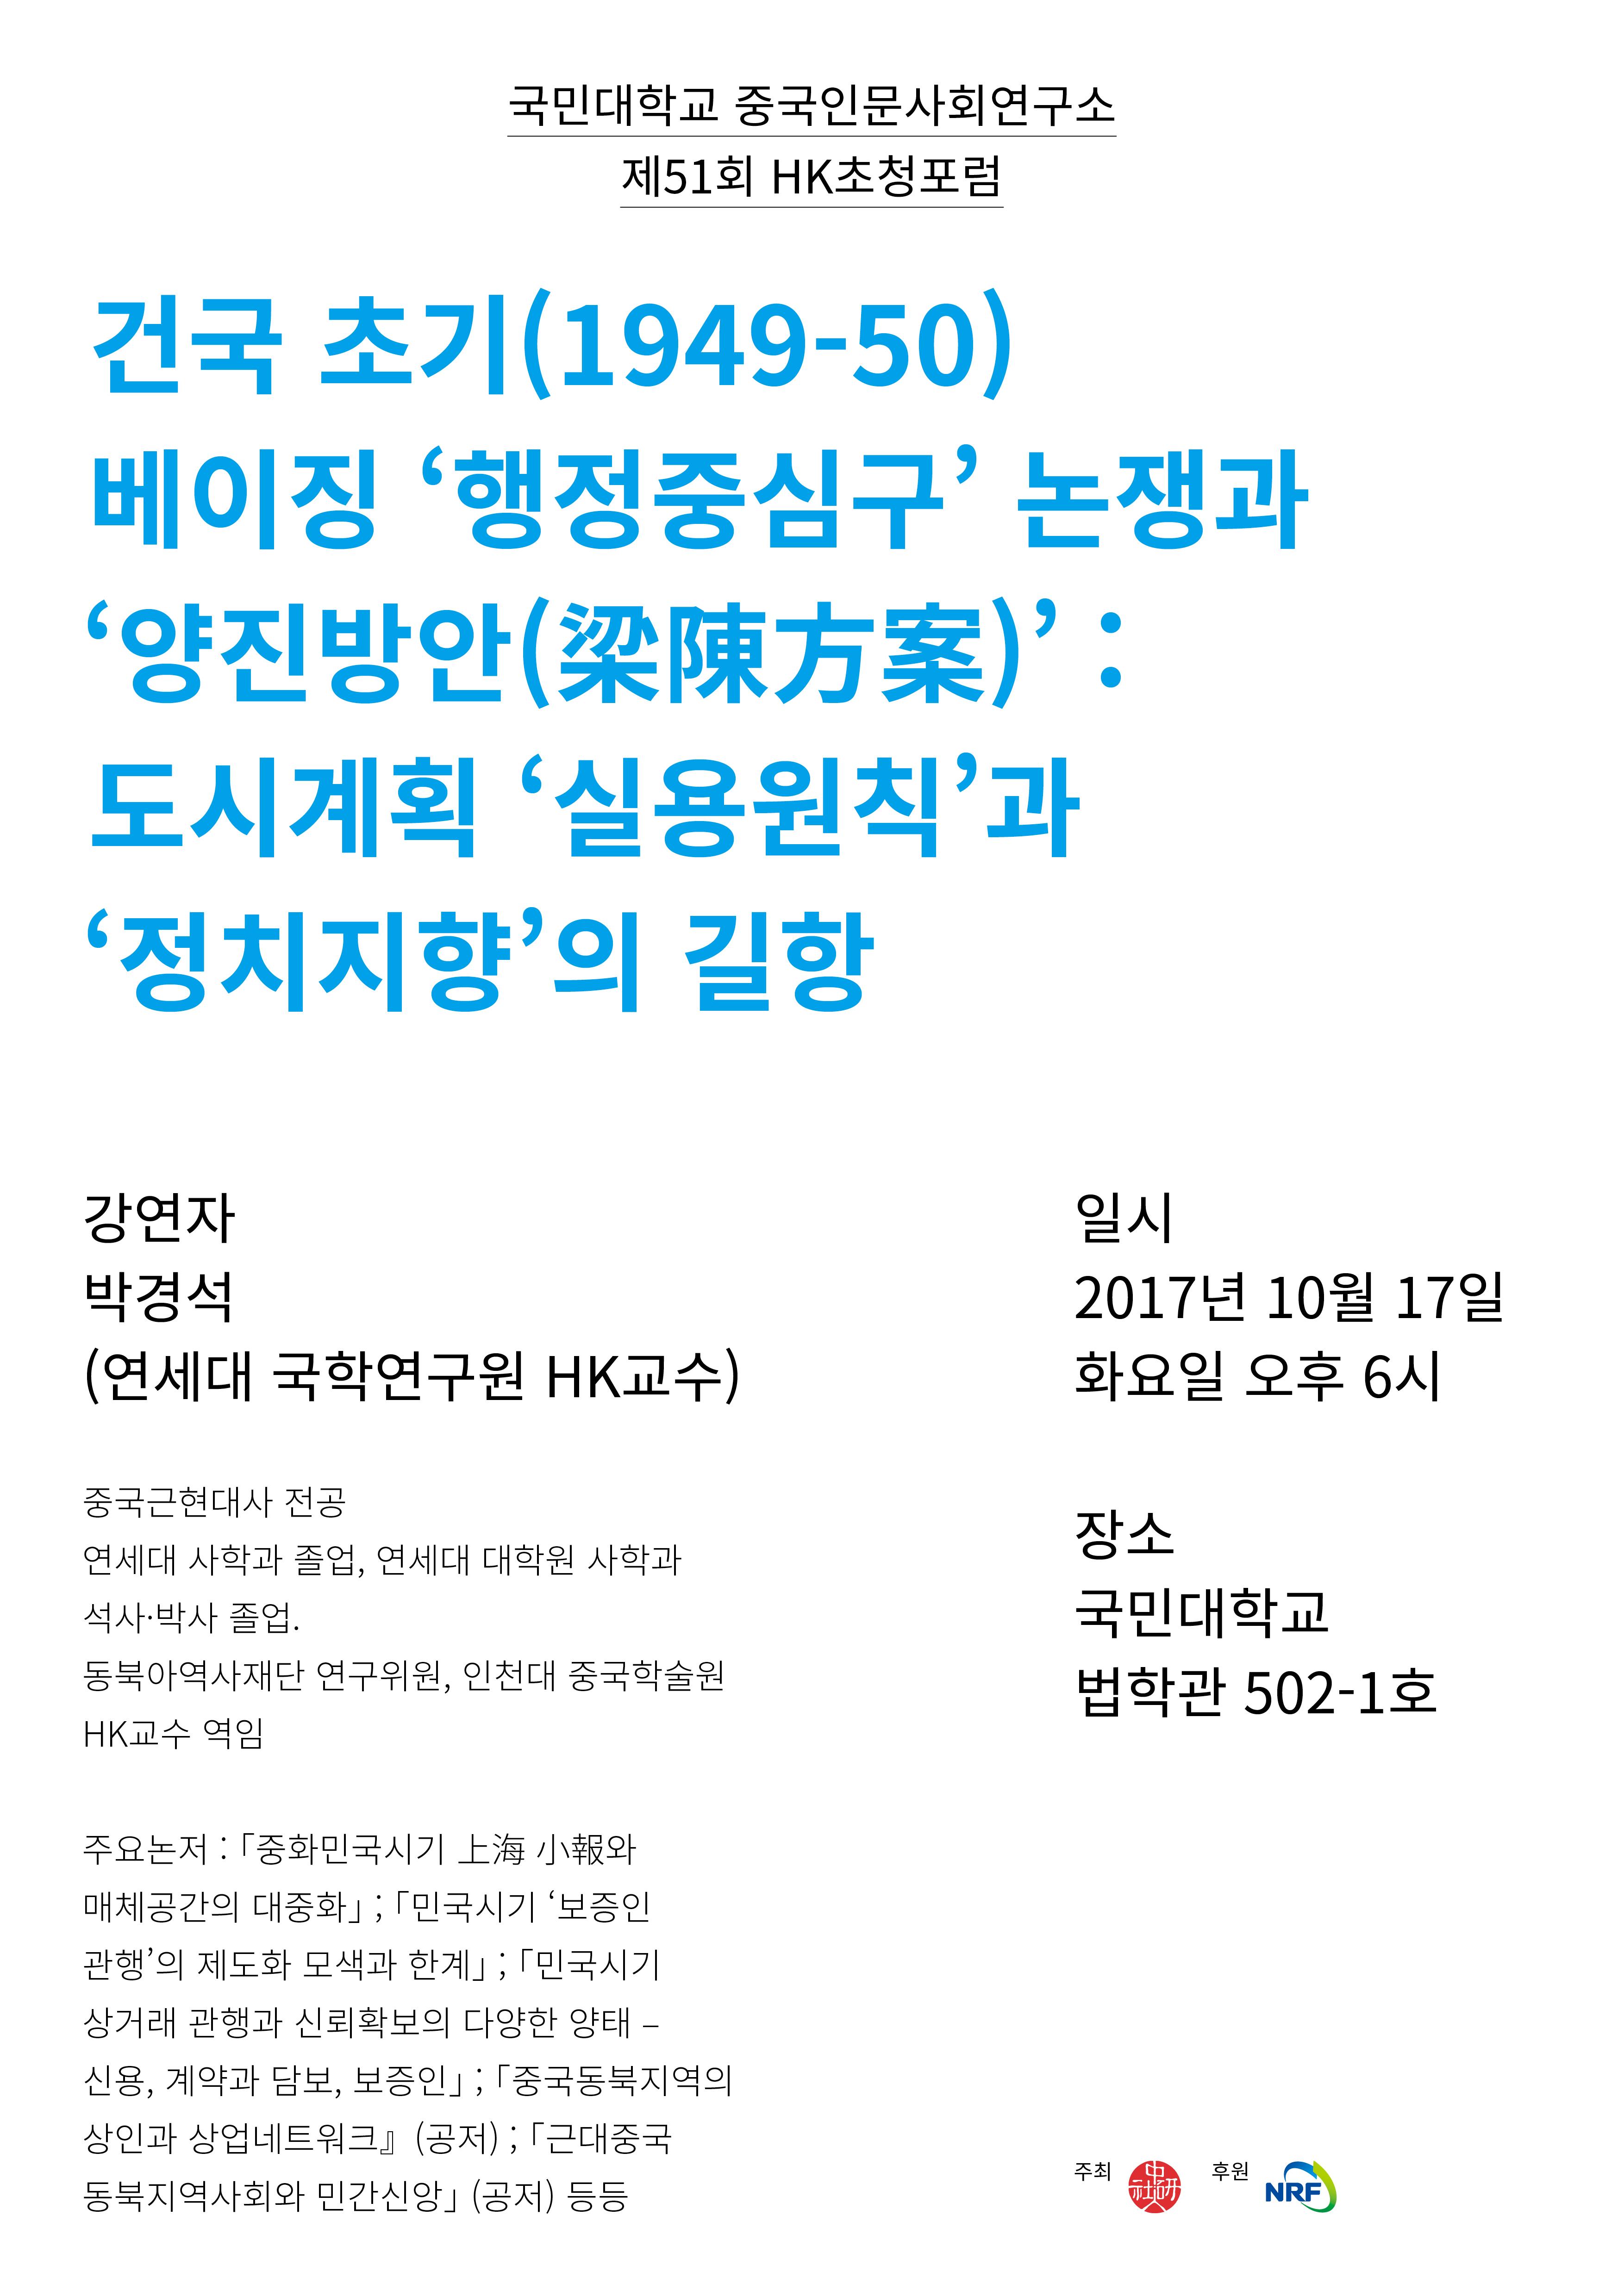 HK_forum_51.jpg